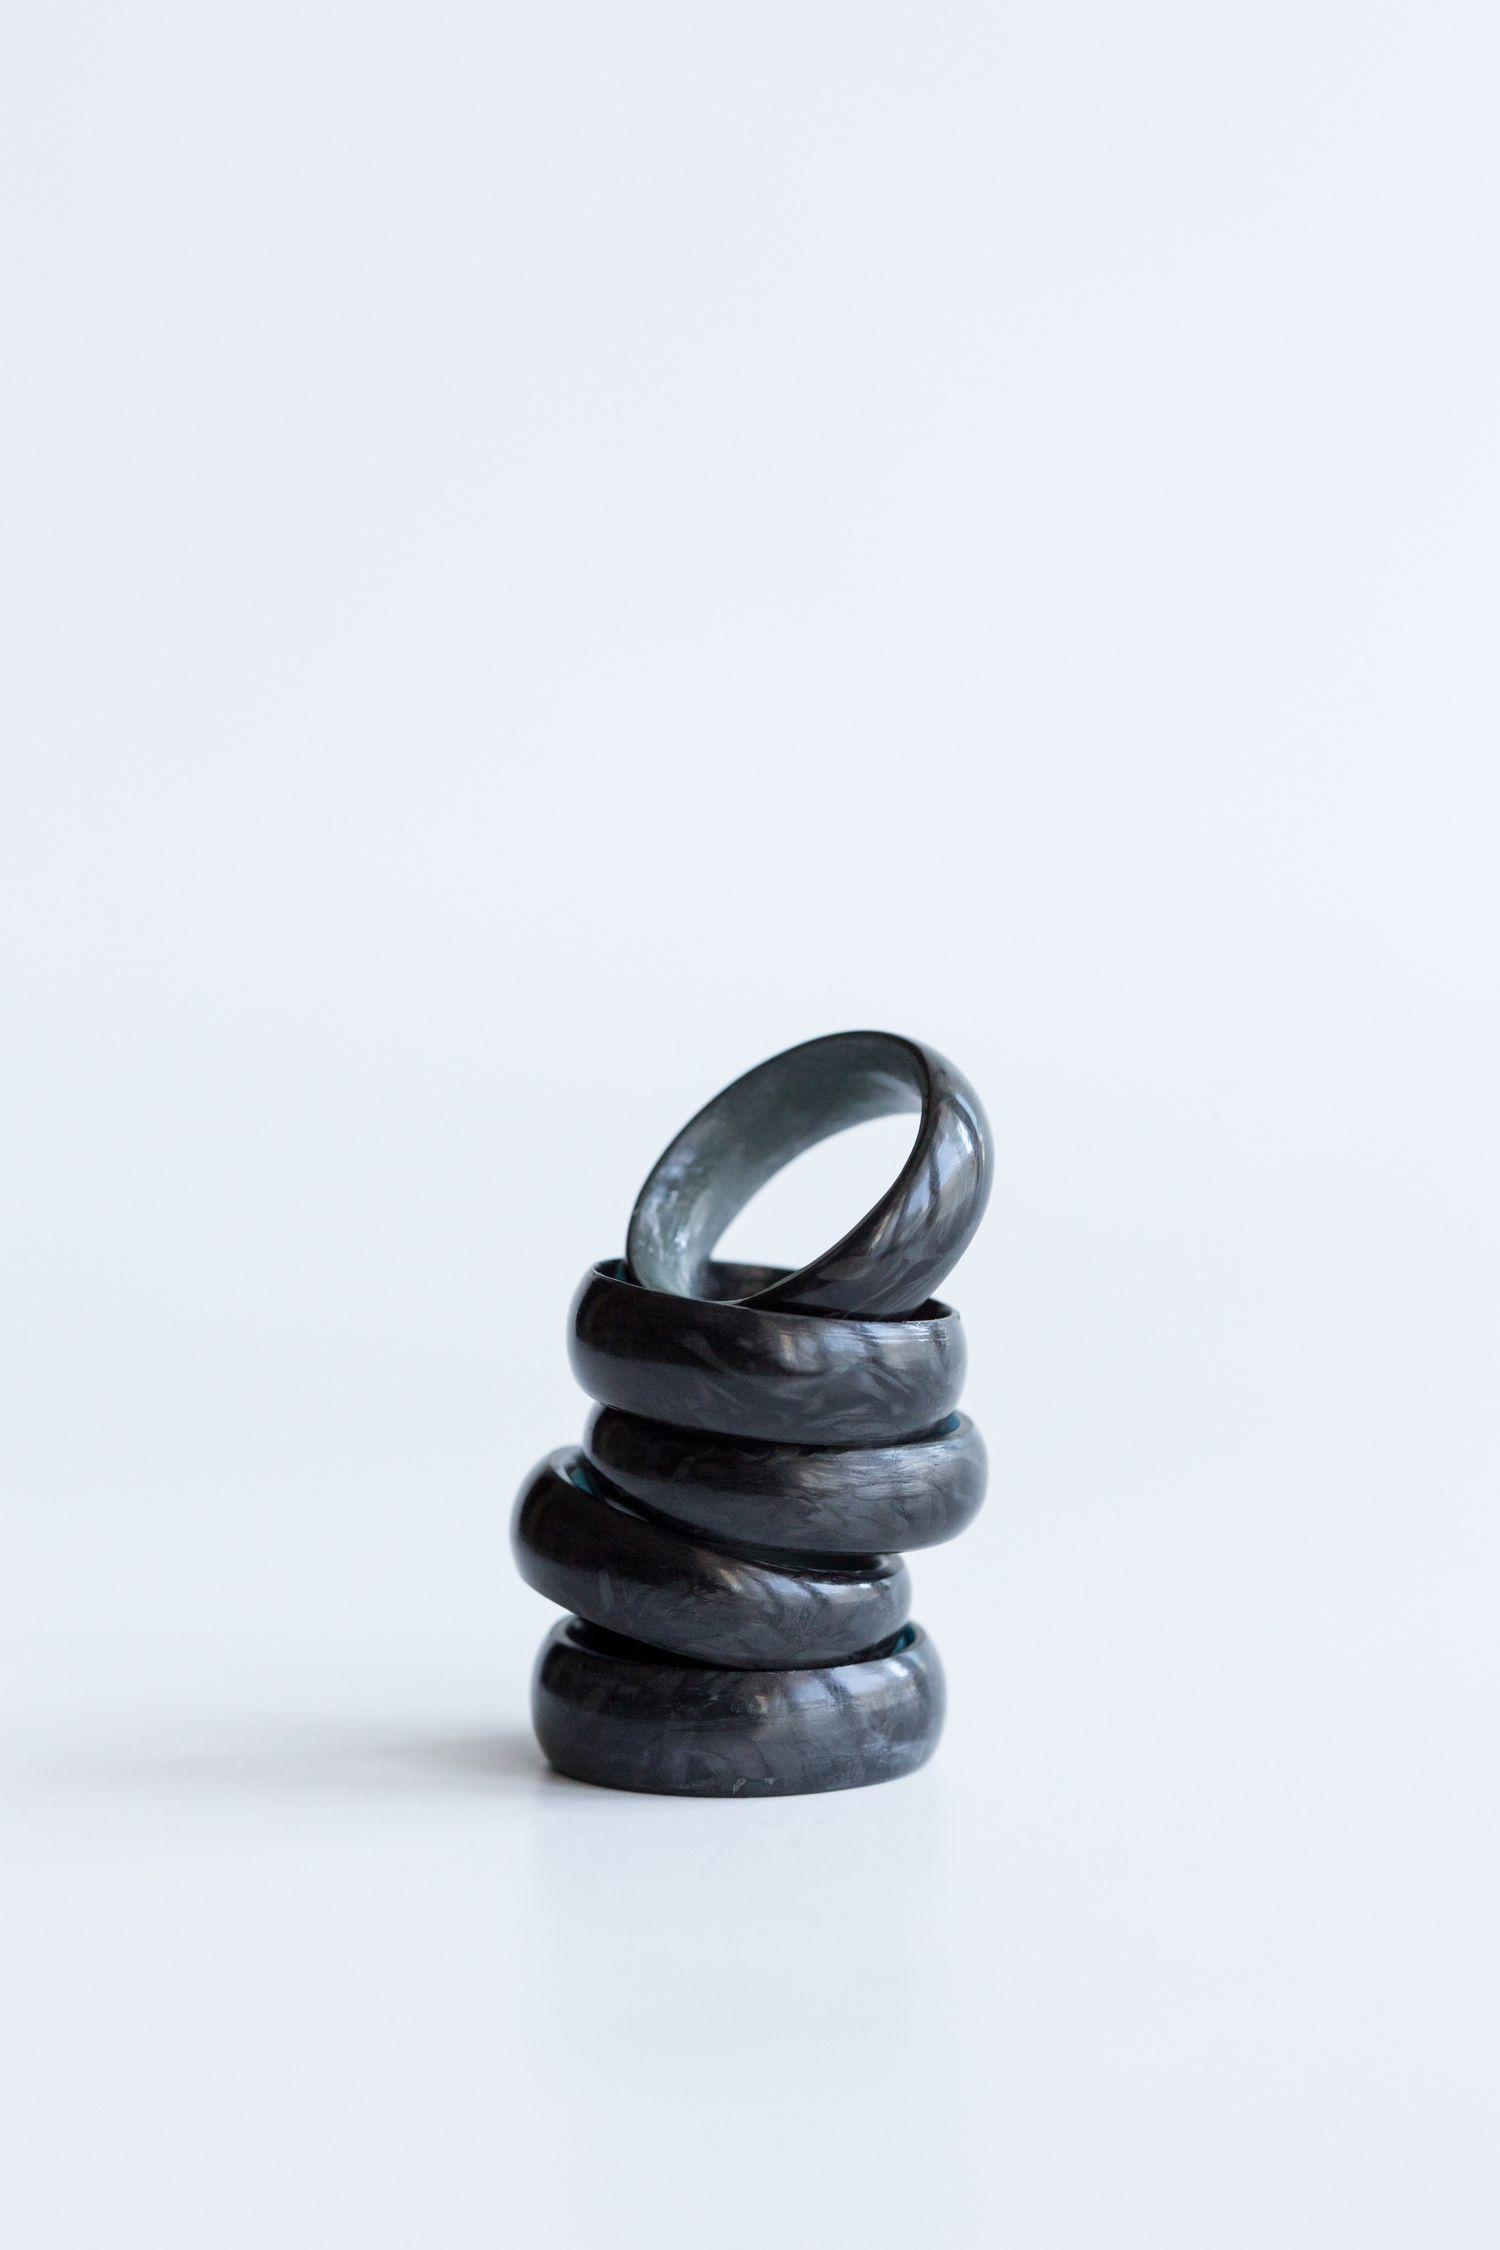 Pin by Carbon 6 Rings on Glow Rings | Rings, Wedding Rings ...